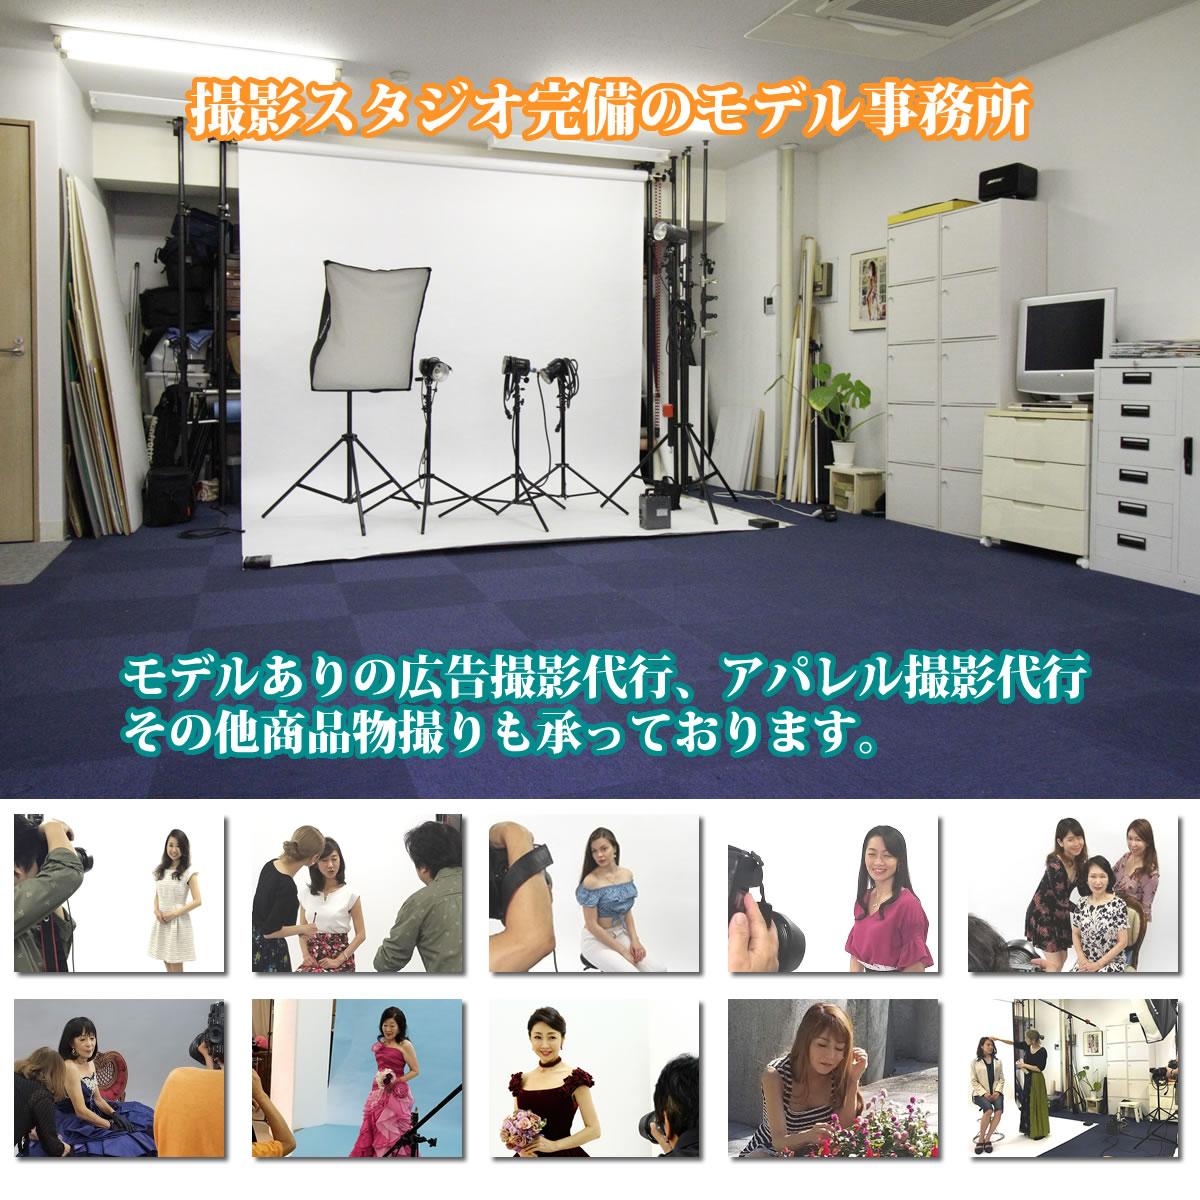 撮影スタジオ完備のモデル事務所 モデルありの広告撮影代行、アパレル撮影代行 その他商品物撮りも承っております。